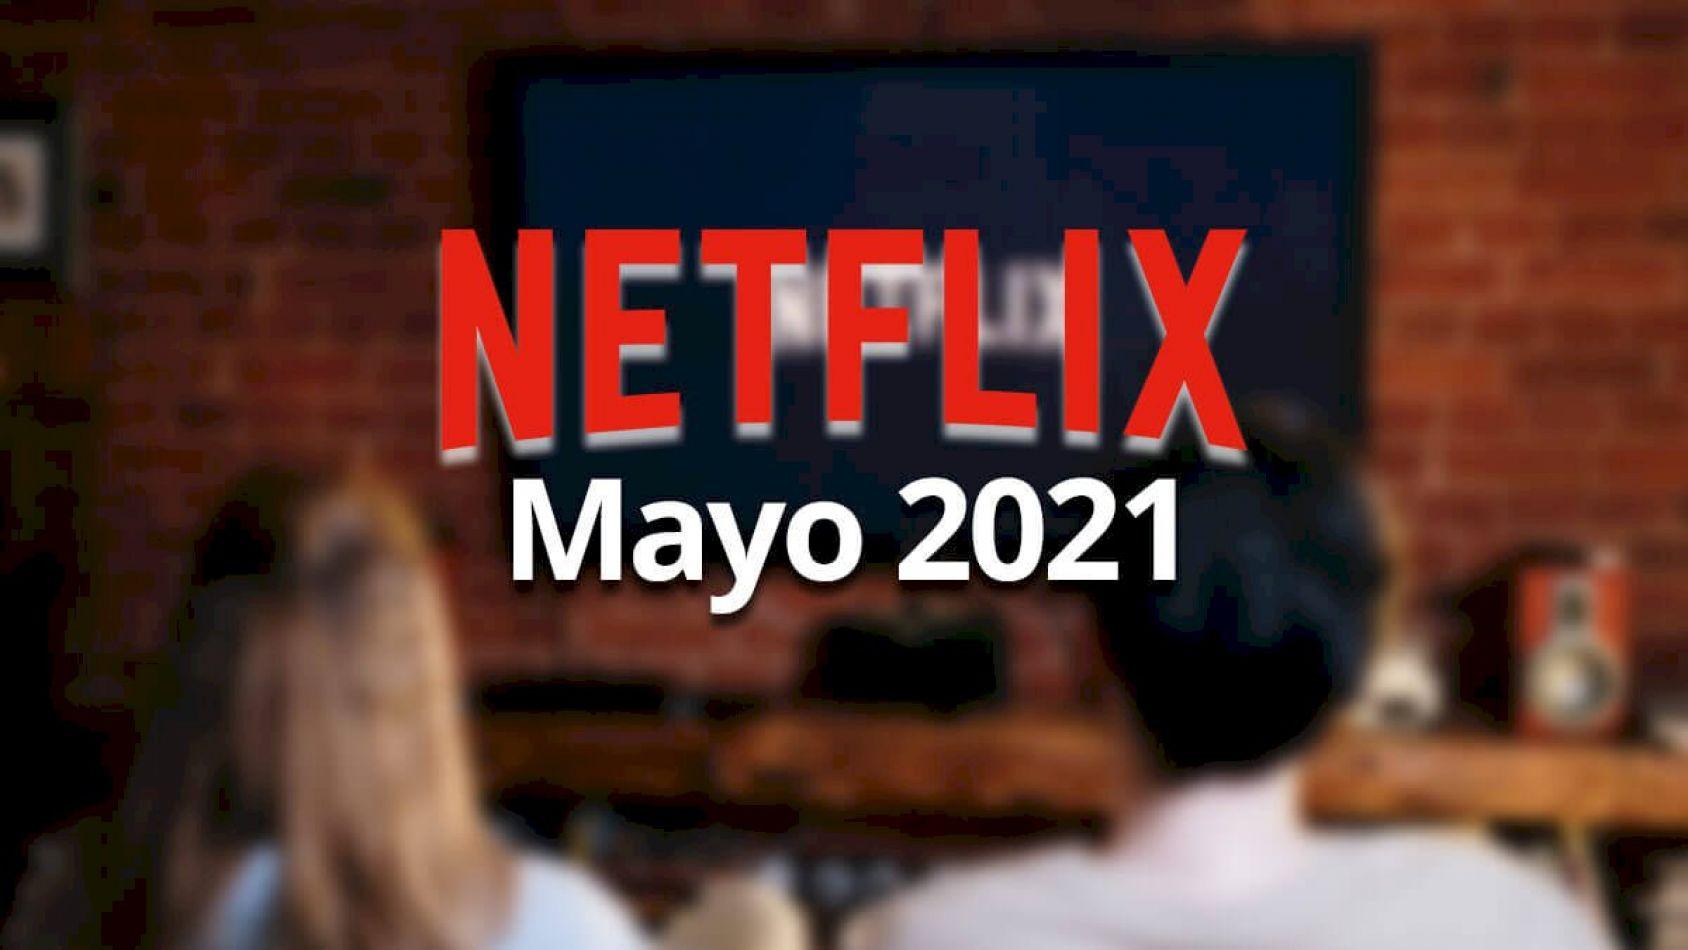 Éstos son todos los estrenos que llegan a Netflix en mayo